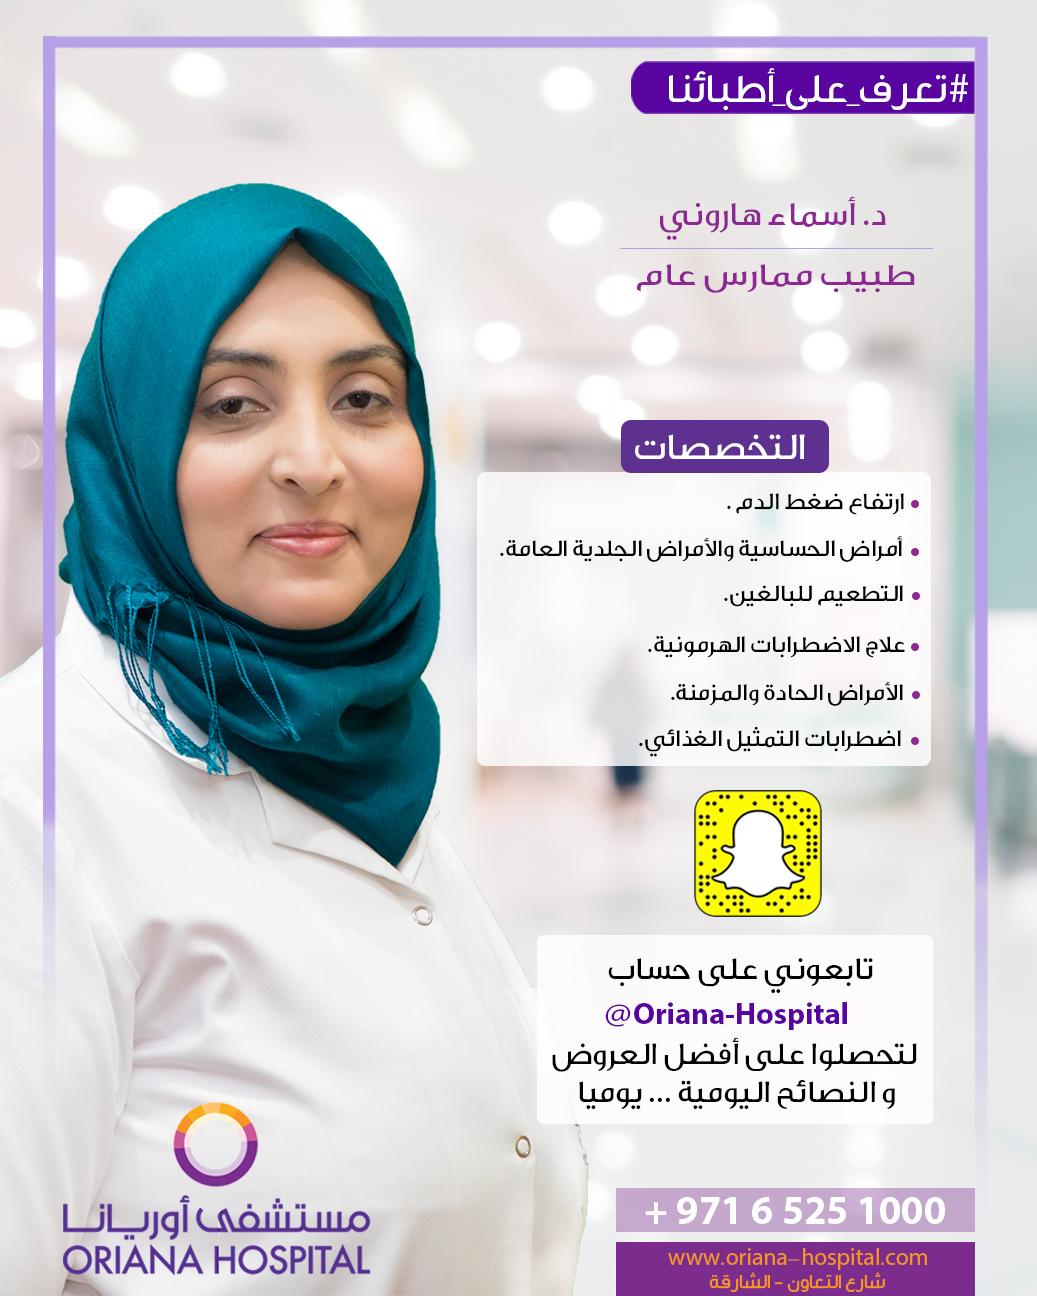 dr asma arabic copy